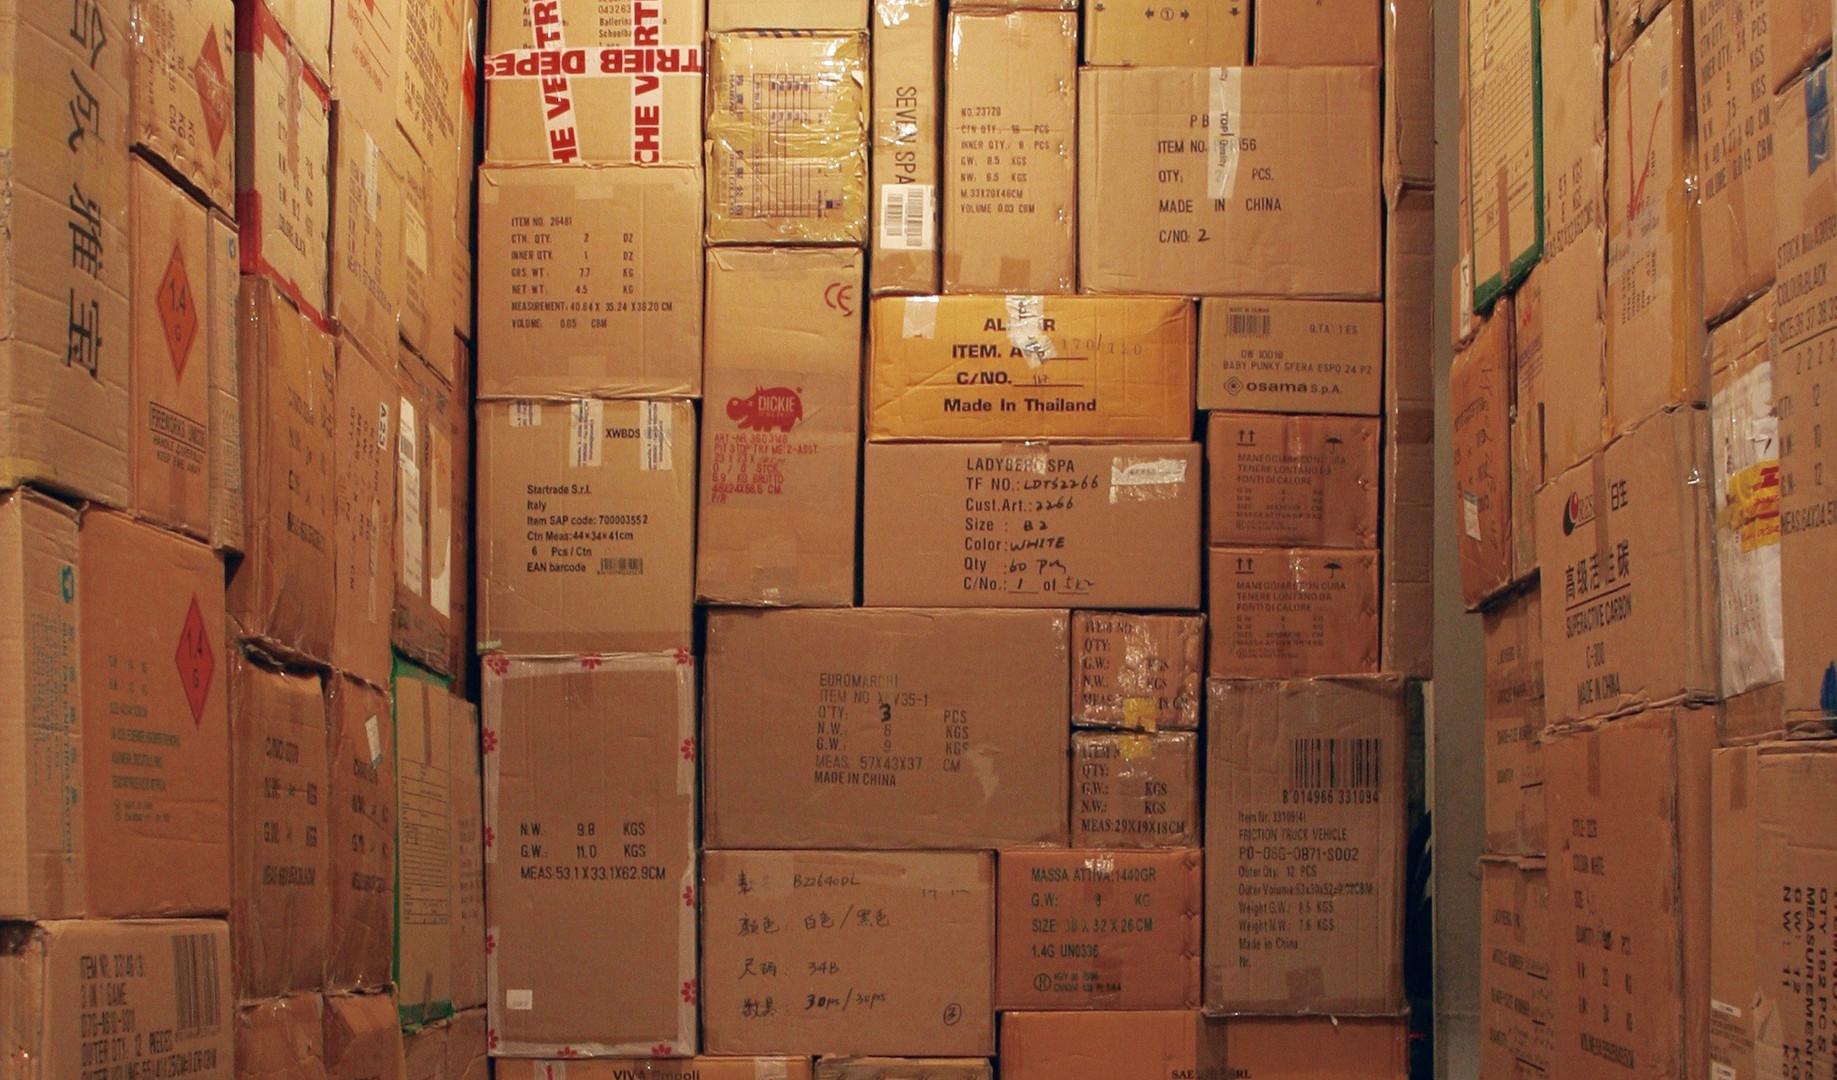 tsorpm #1 (boxes)